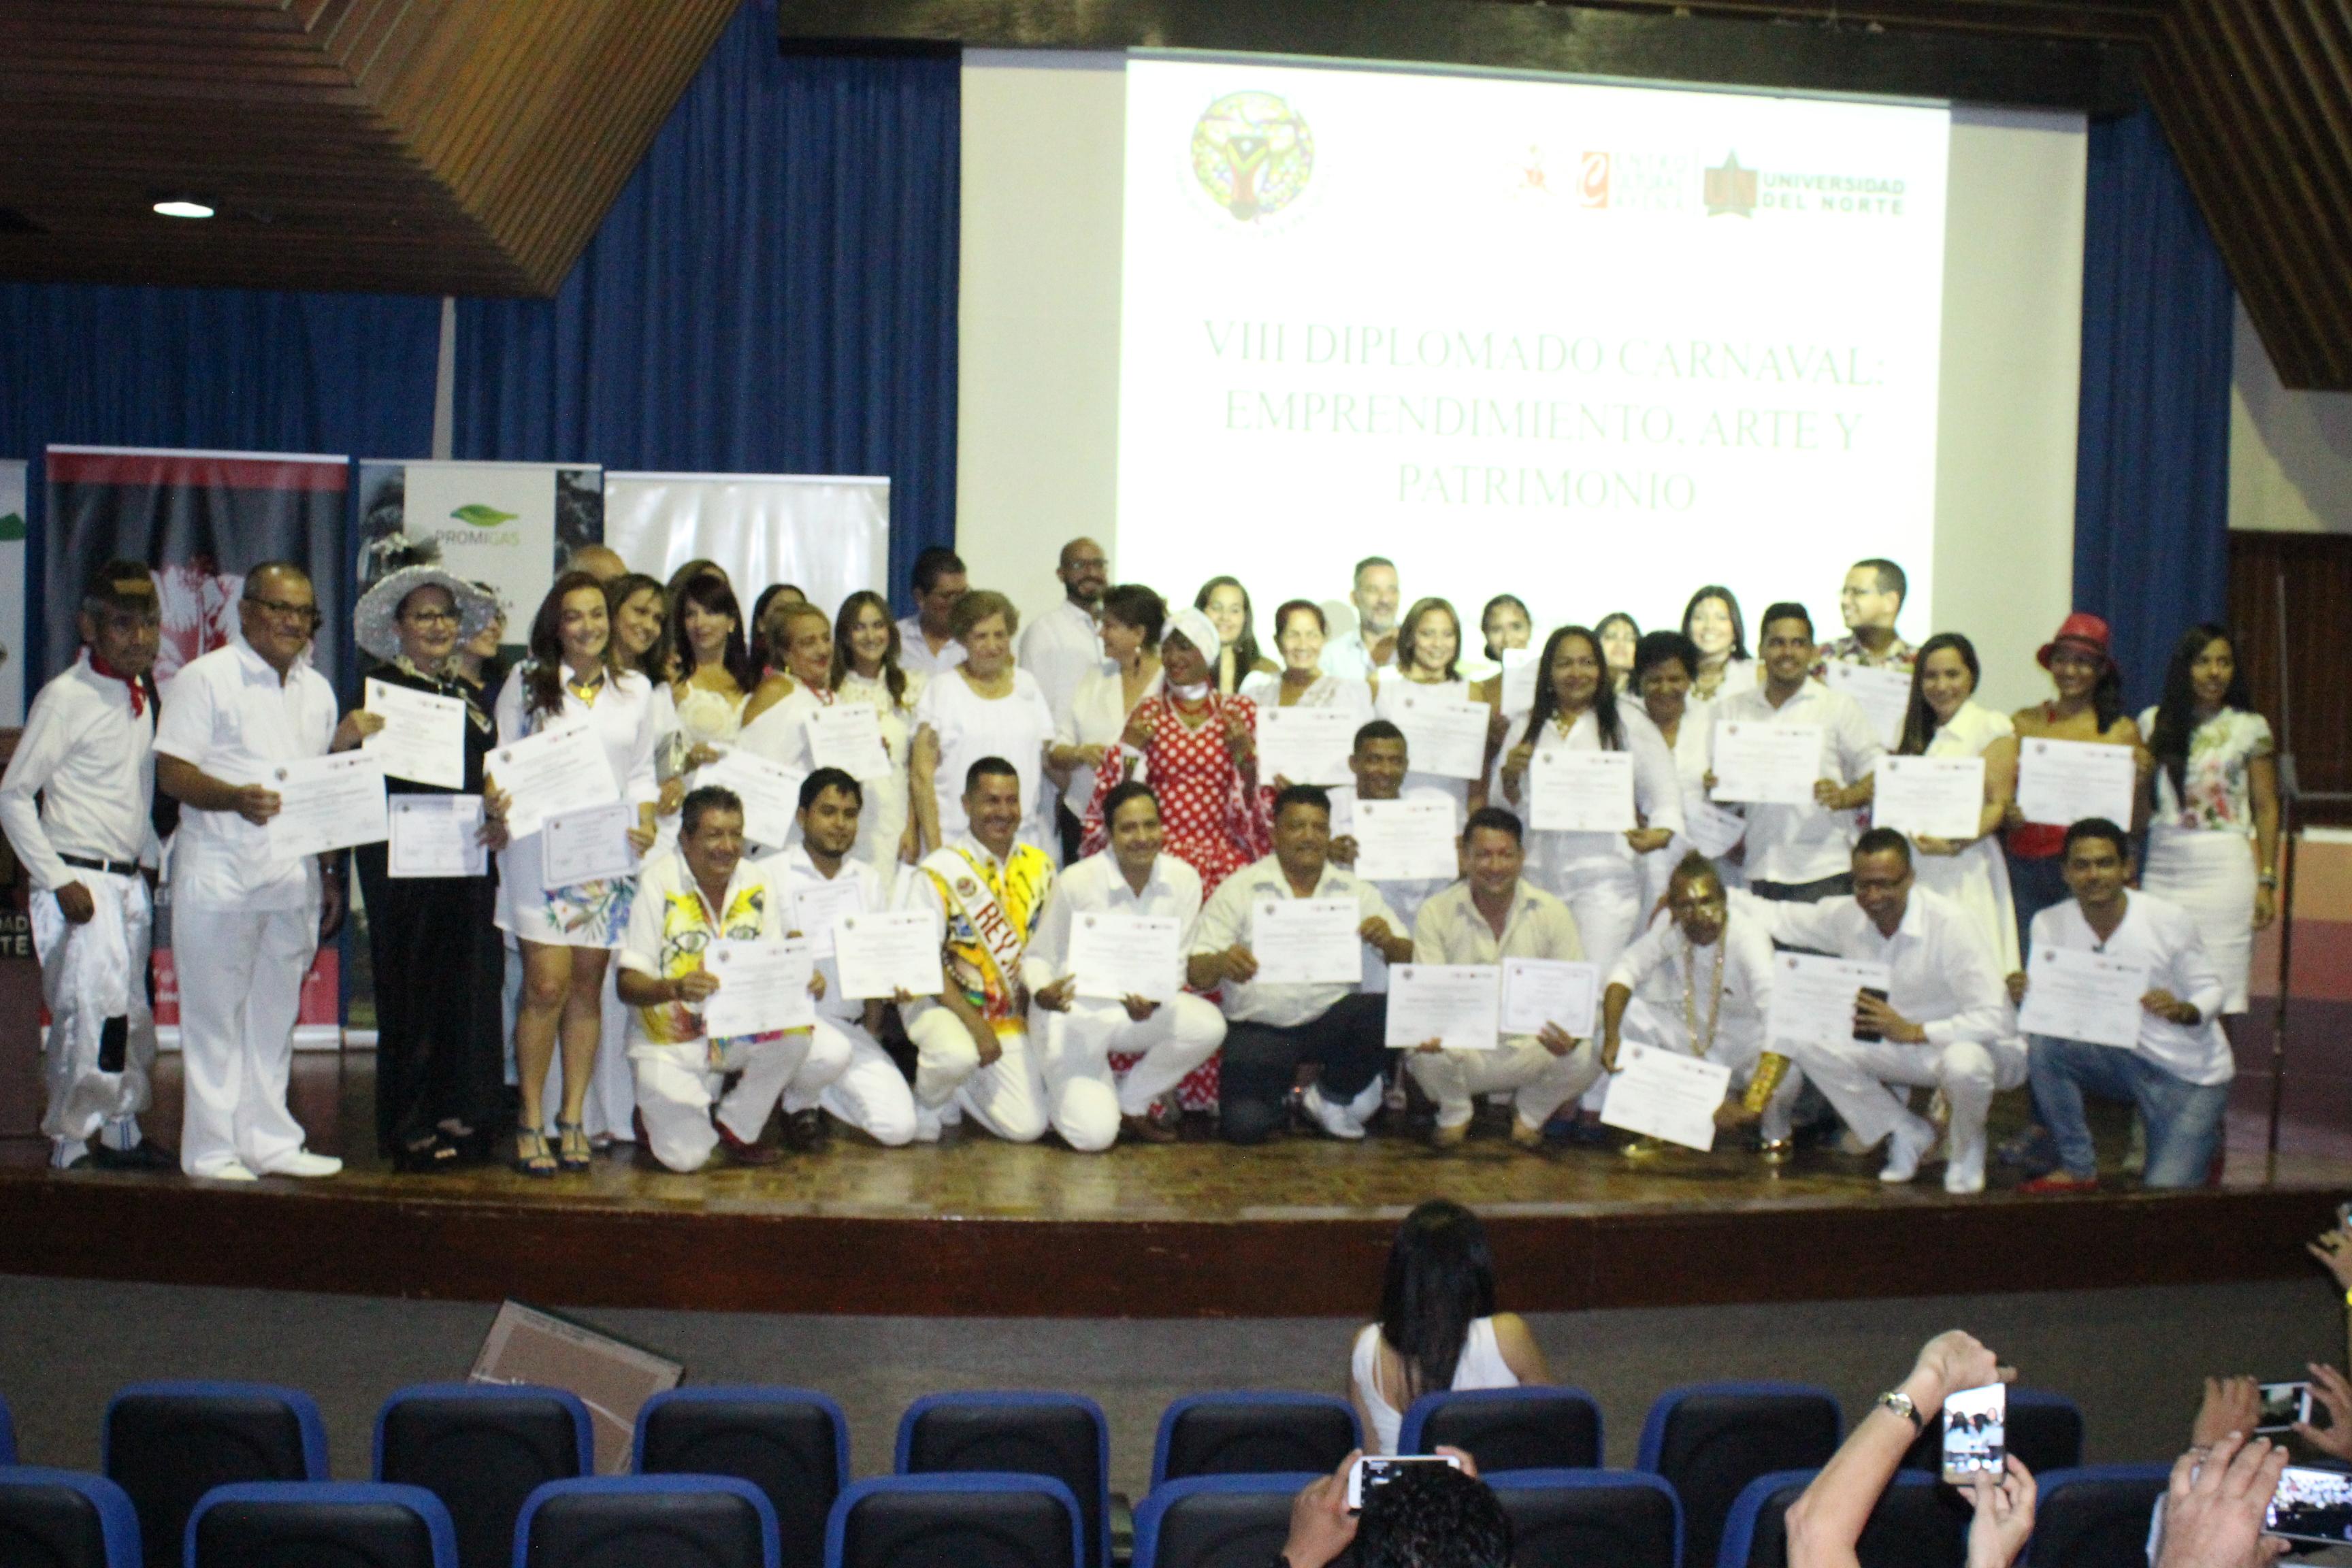 Ceremonia de Graduación en el VIII Diplomado del Carnaval de Barranquilla